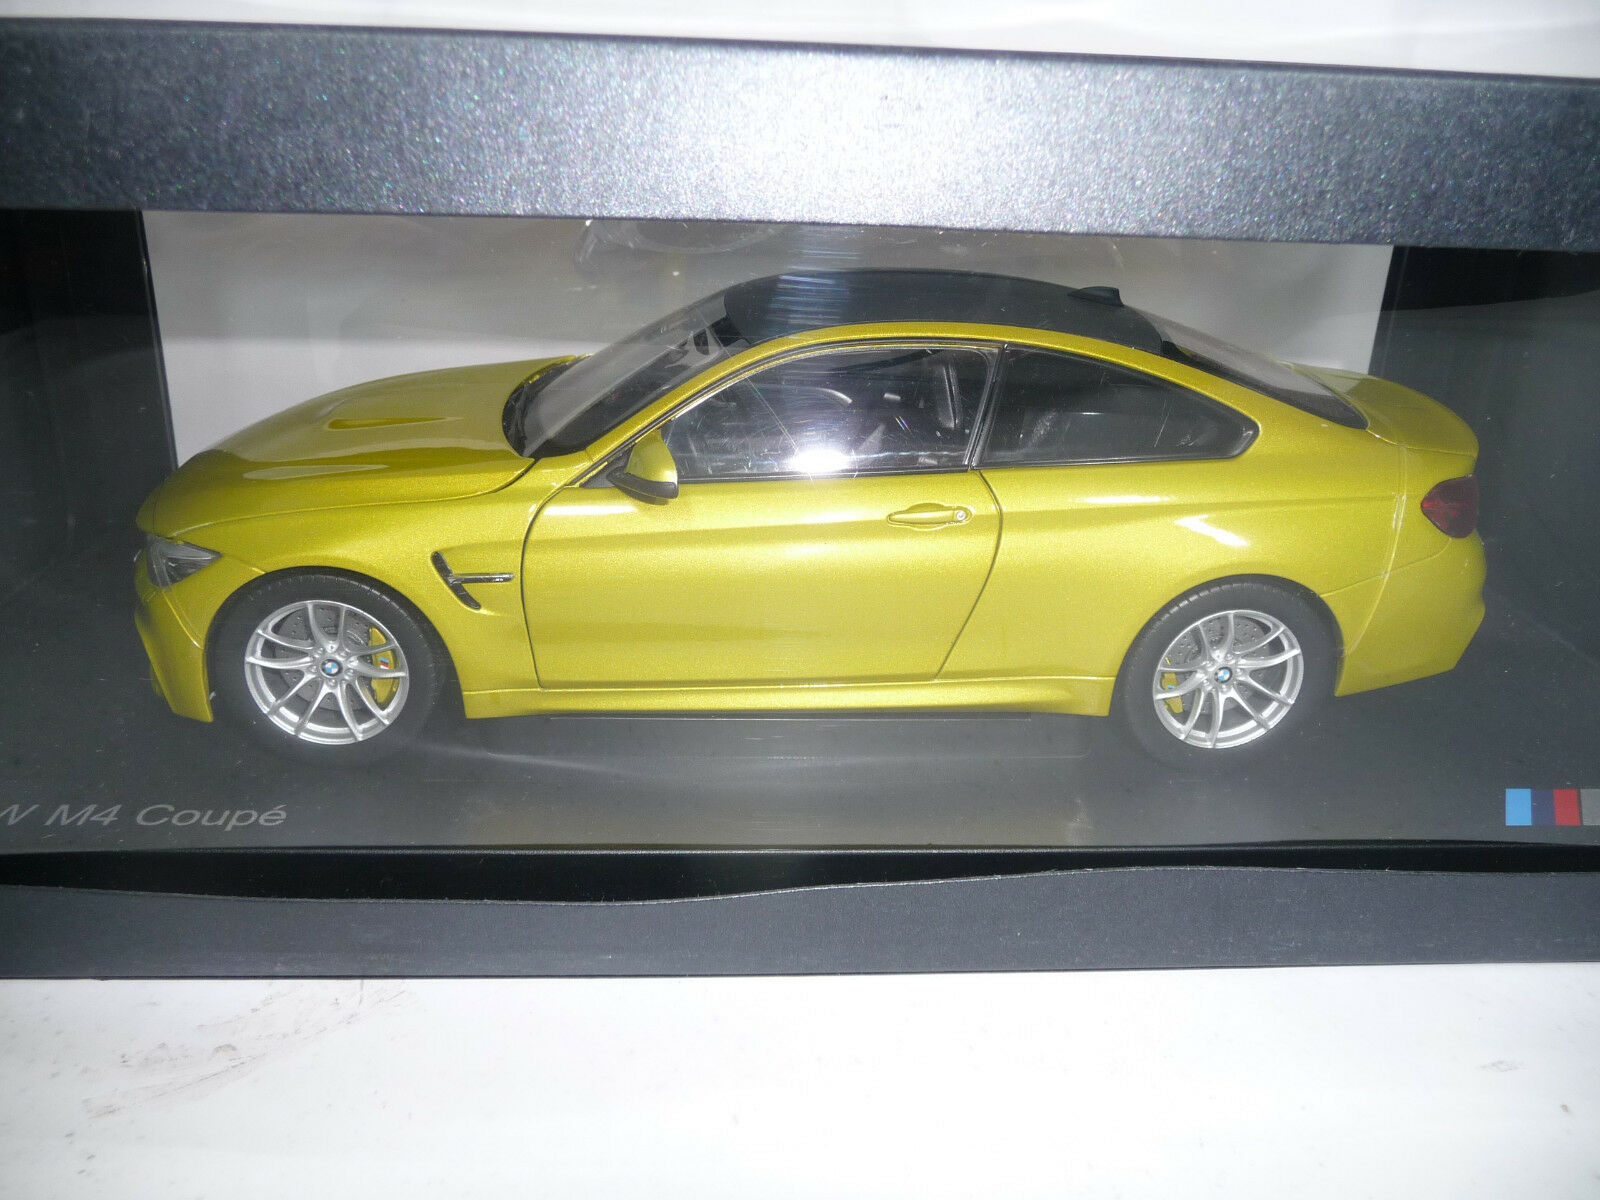 Bmw m4 f82 coupé austin gelb metallic - 1,18 paragon - händler sehr selten